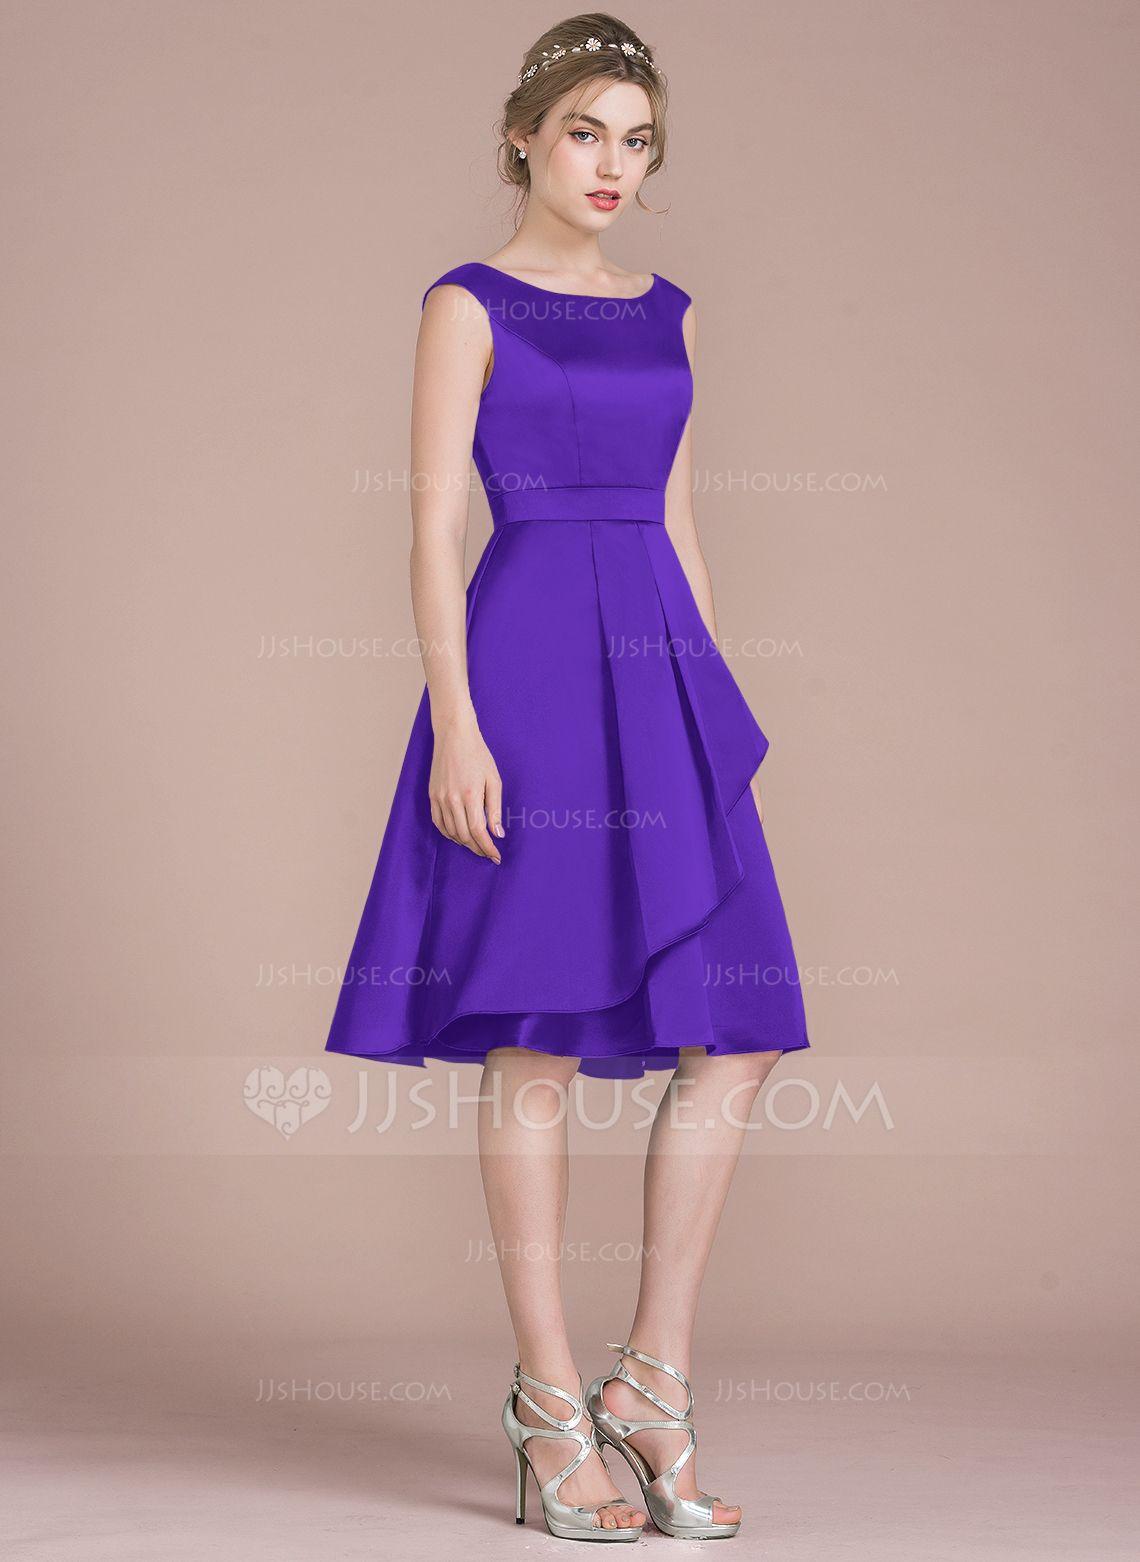 Vistoso Vera Wang Vestidos De Cóctel Galería - Colección del Vestido ...